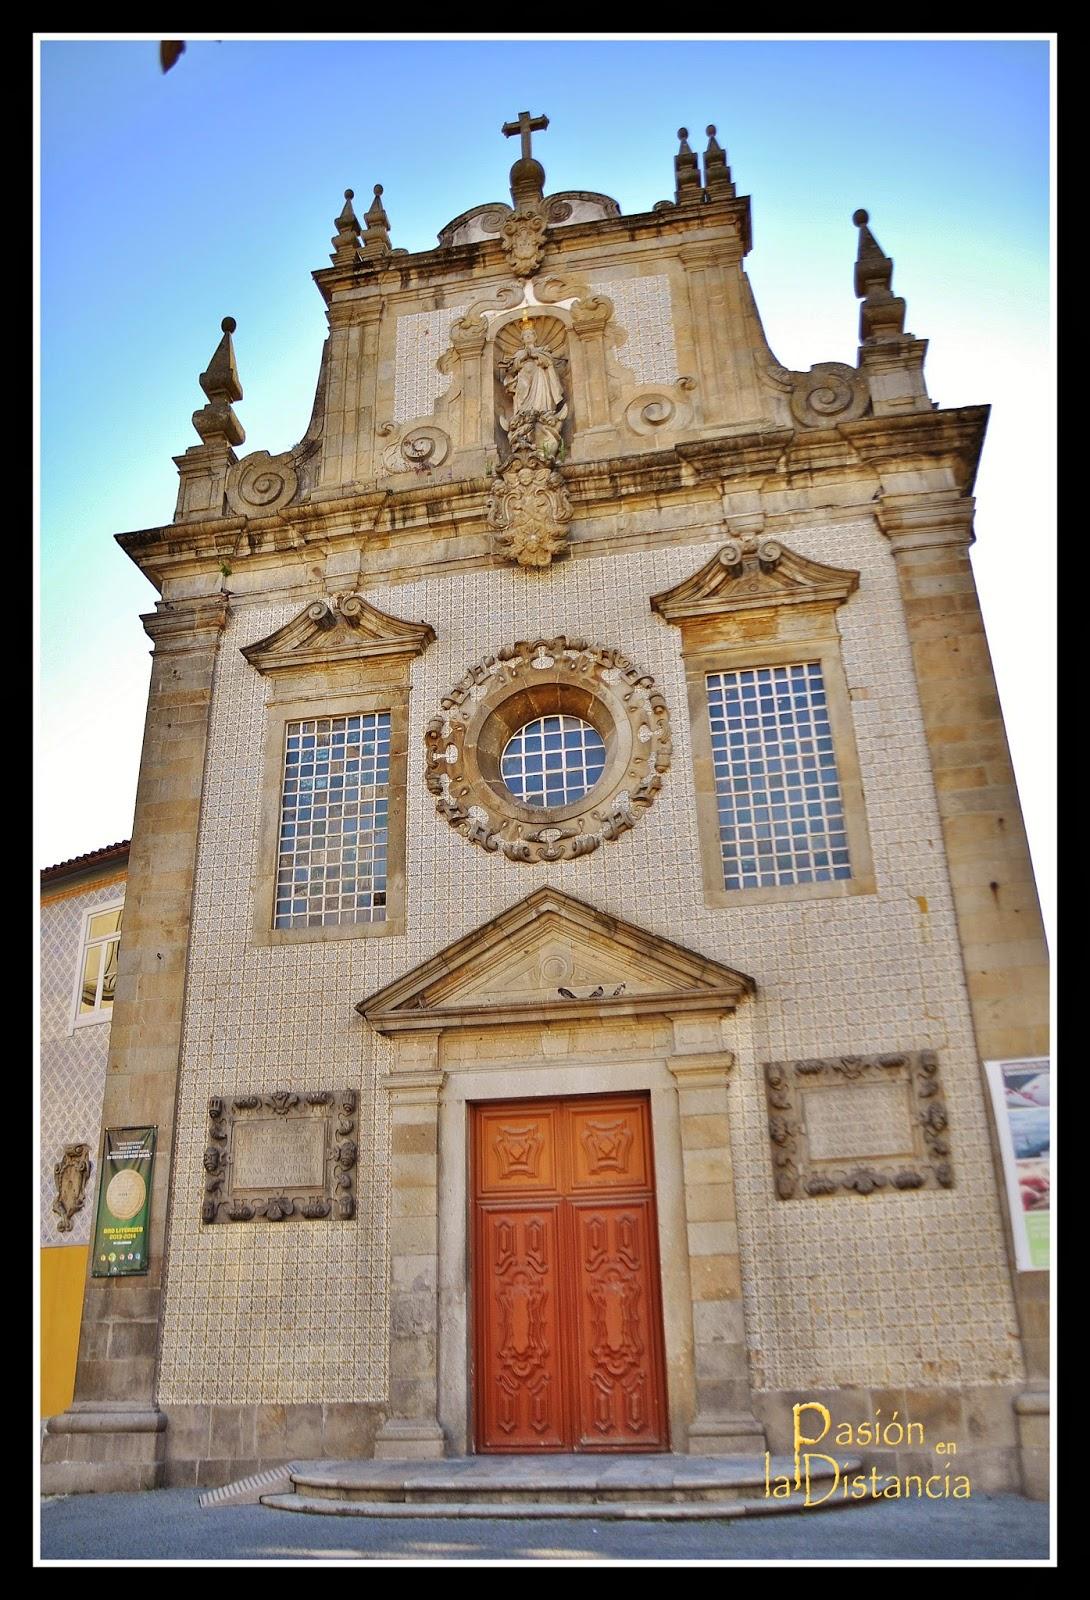 Igreja_dos_terceiros_Braga_Iglesia